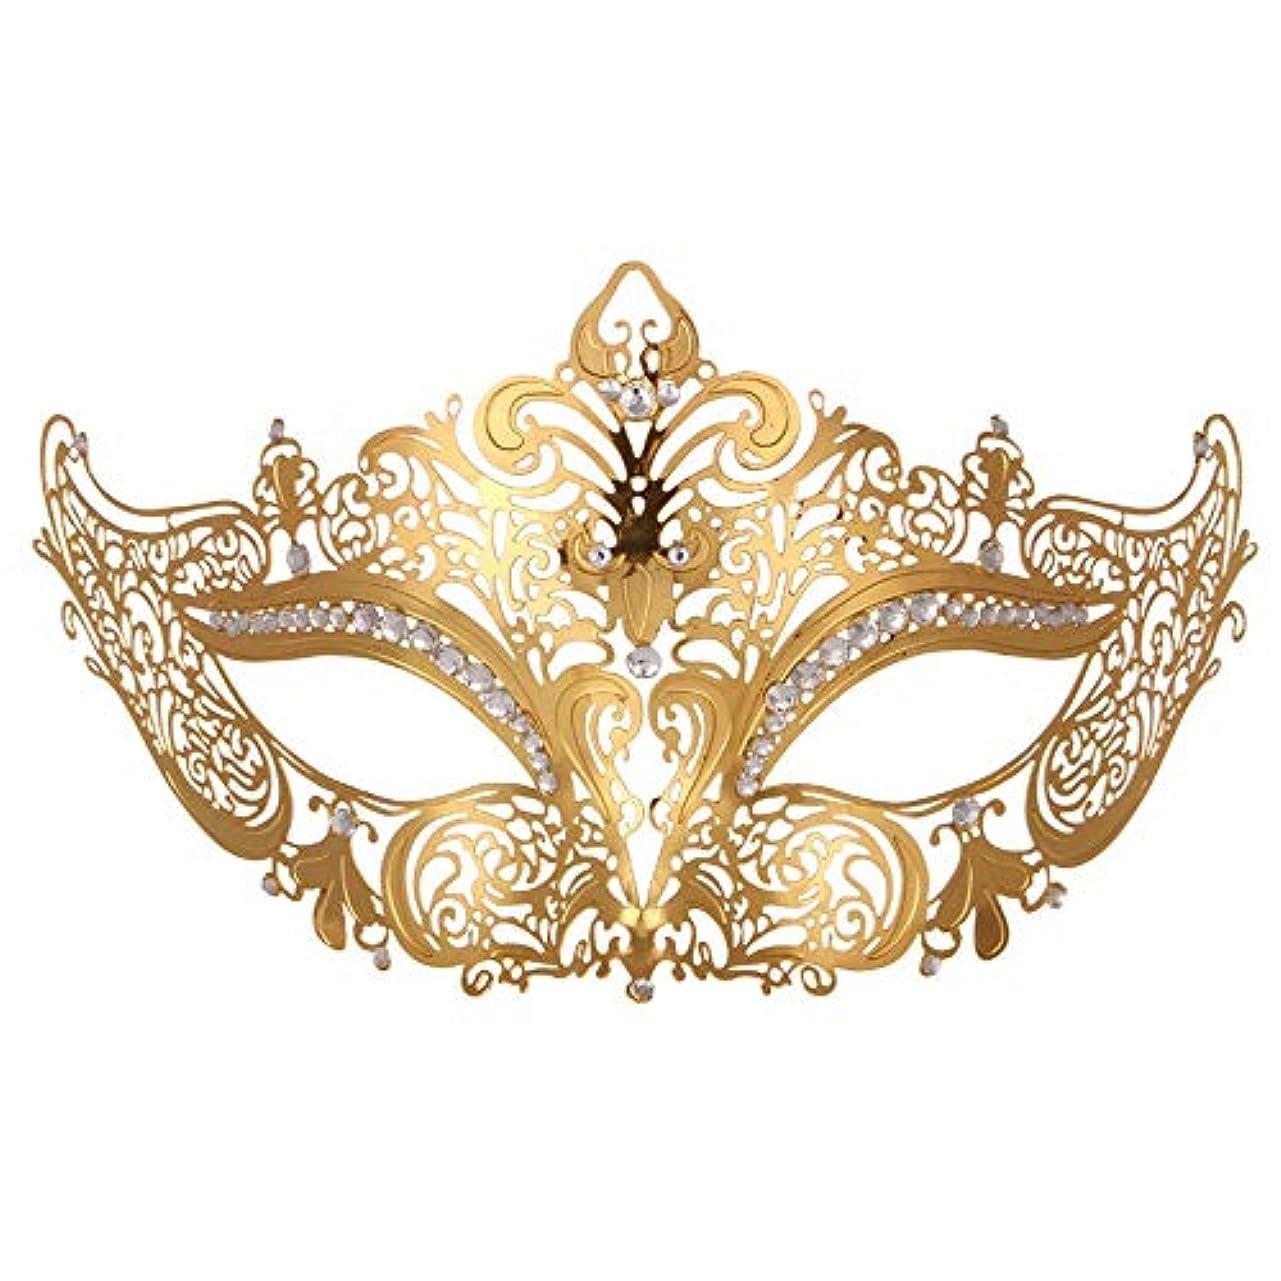 びっくりする演劇下にダンスマスク 高級金メッキ銀マスク仮装小道具ロールプレイングナイトクラブパーティーマスク ホリデーパーティー用品 (色 : ゴールド, サイズ : Universal)